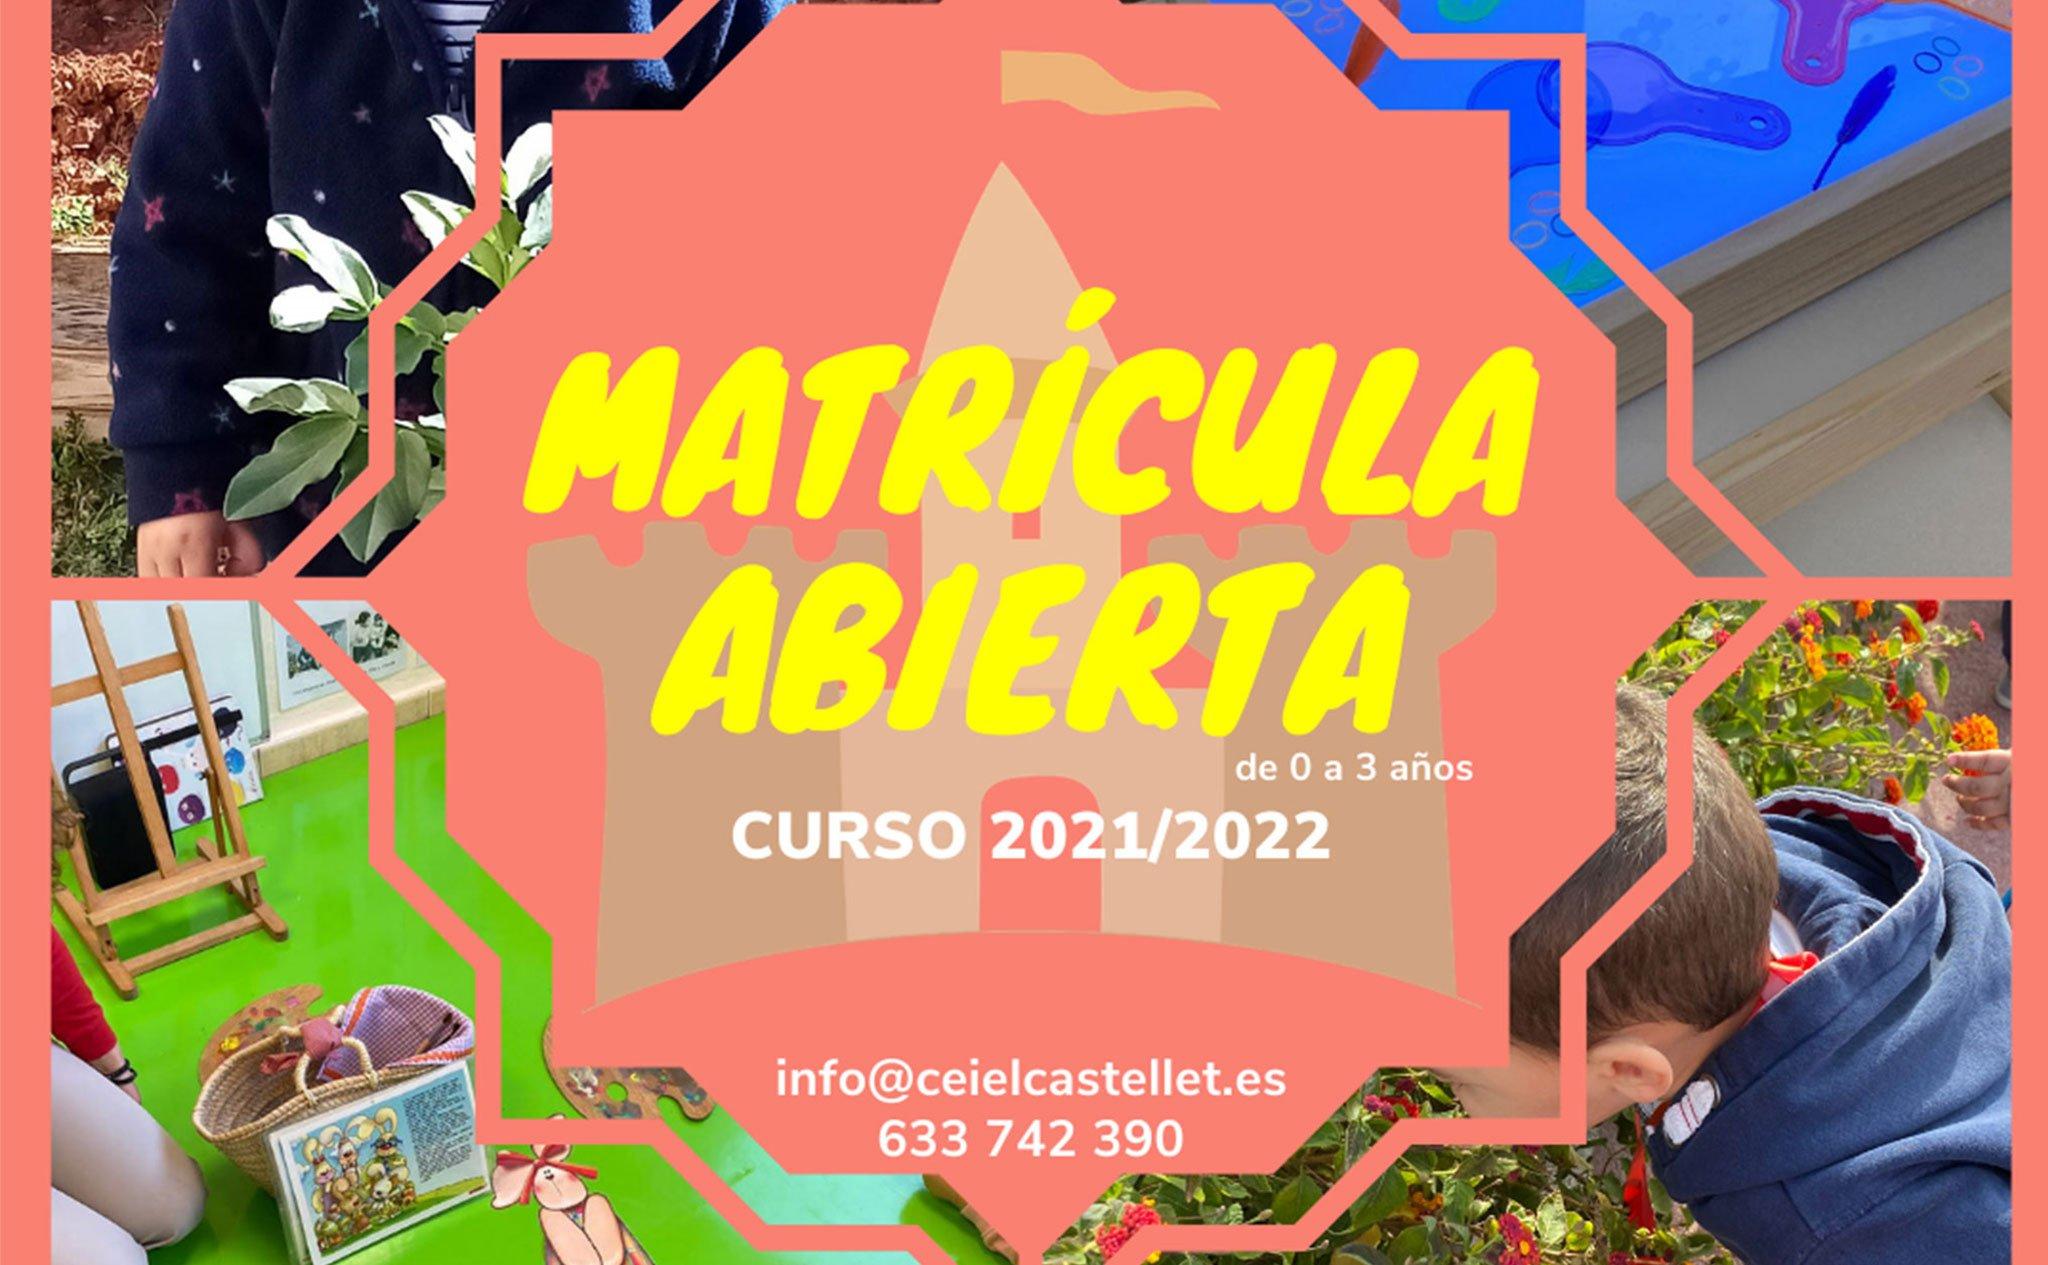 Matrícula abierta en CEI El Castellet para el curso 2021-2022